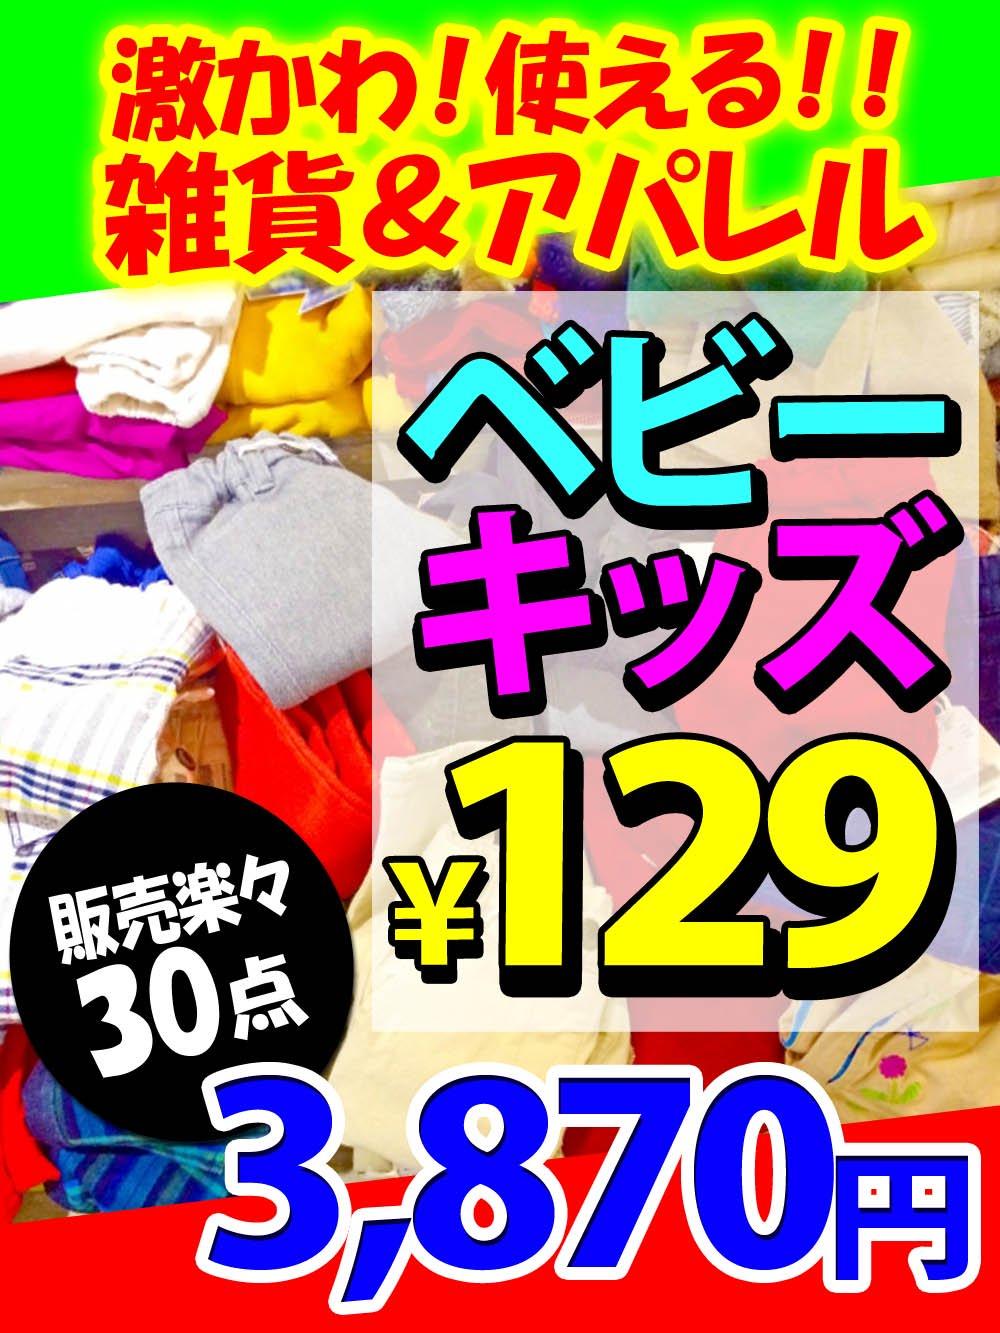 ★キッズ・ベビー129円★激かわ使える!雑貨&アパレルアラカルト【30点】